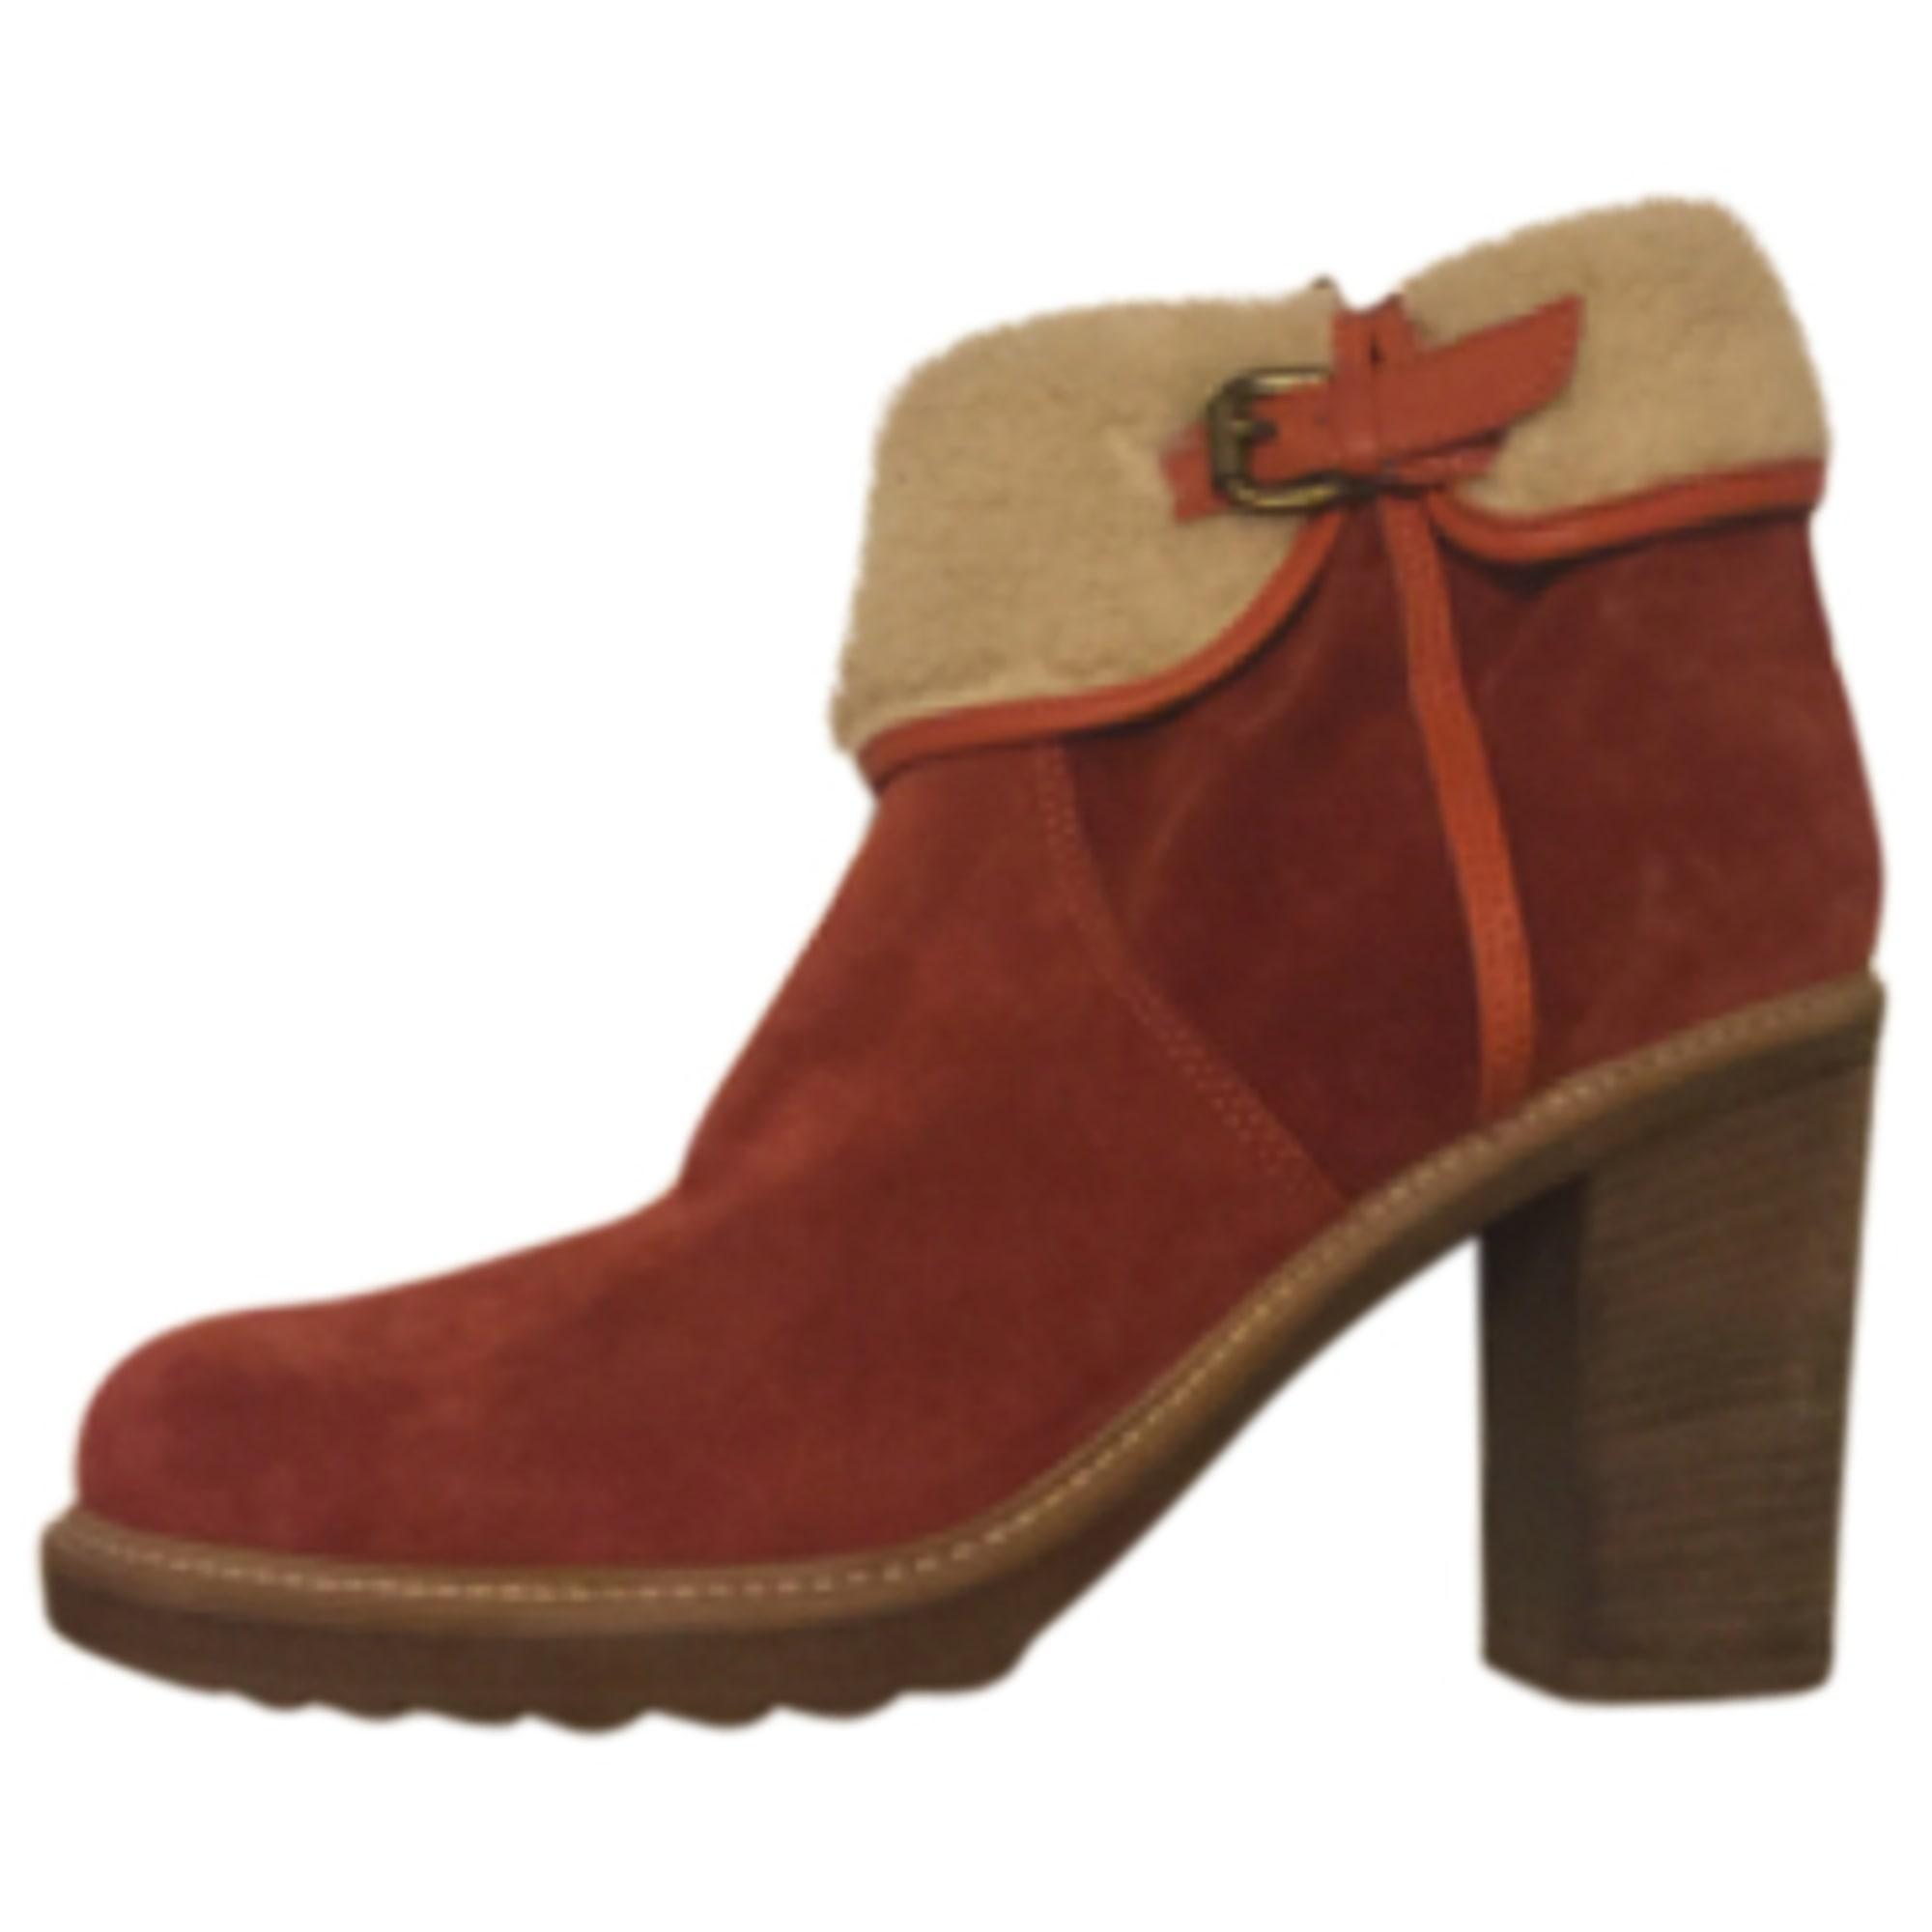 À 40 Rouge Bottinesamp; Low Minelli 4198442 Boots Talons 8vmnOyNP0w